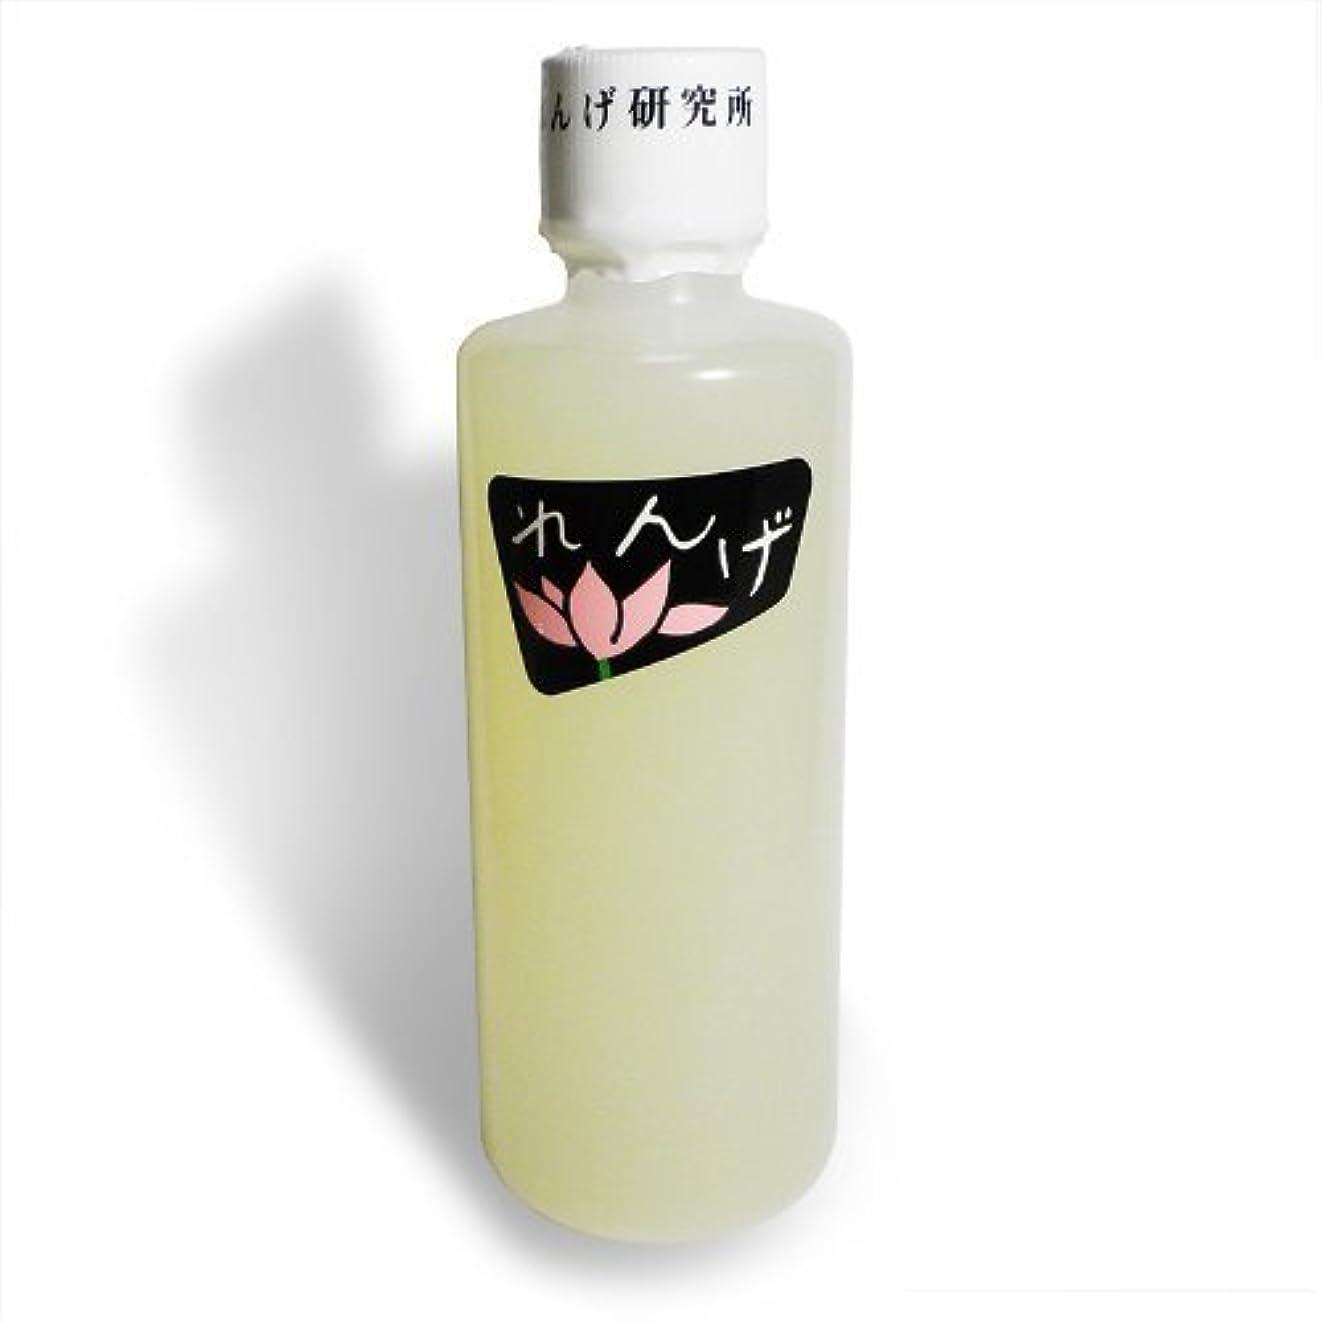 飛躍固めるハムれんげ研究所 れんげ化粧水 140cc×3本